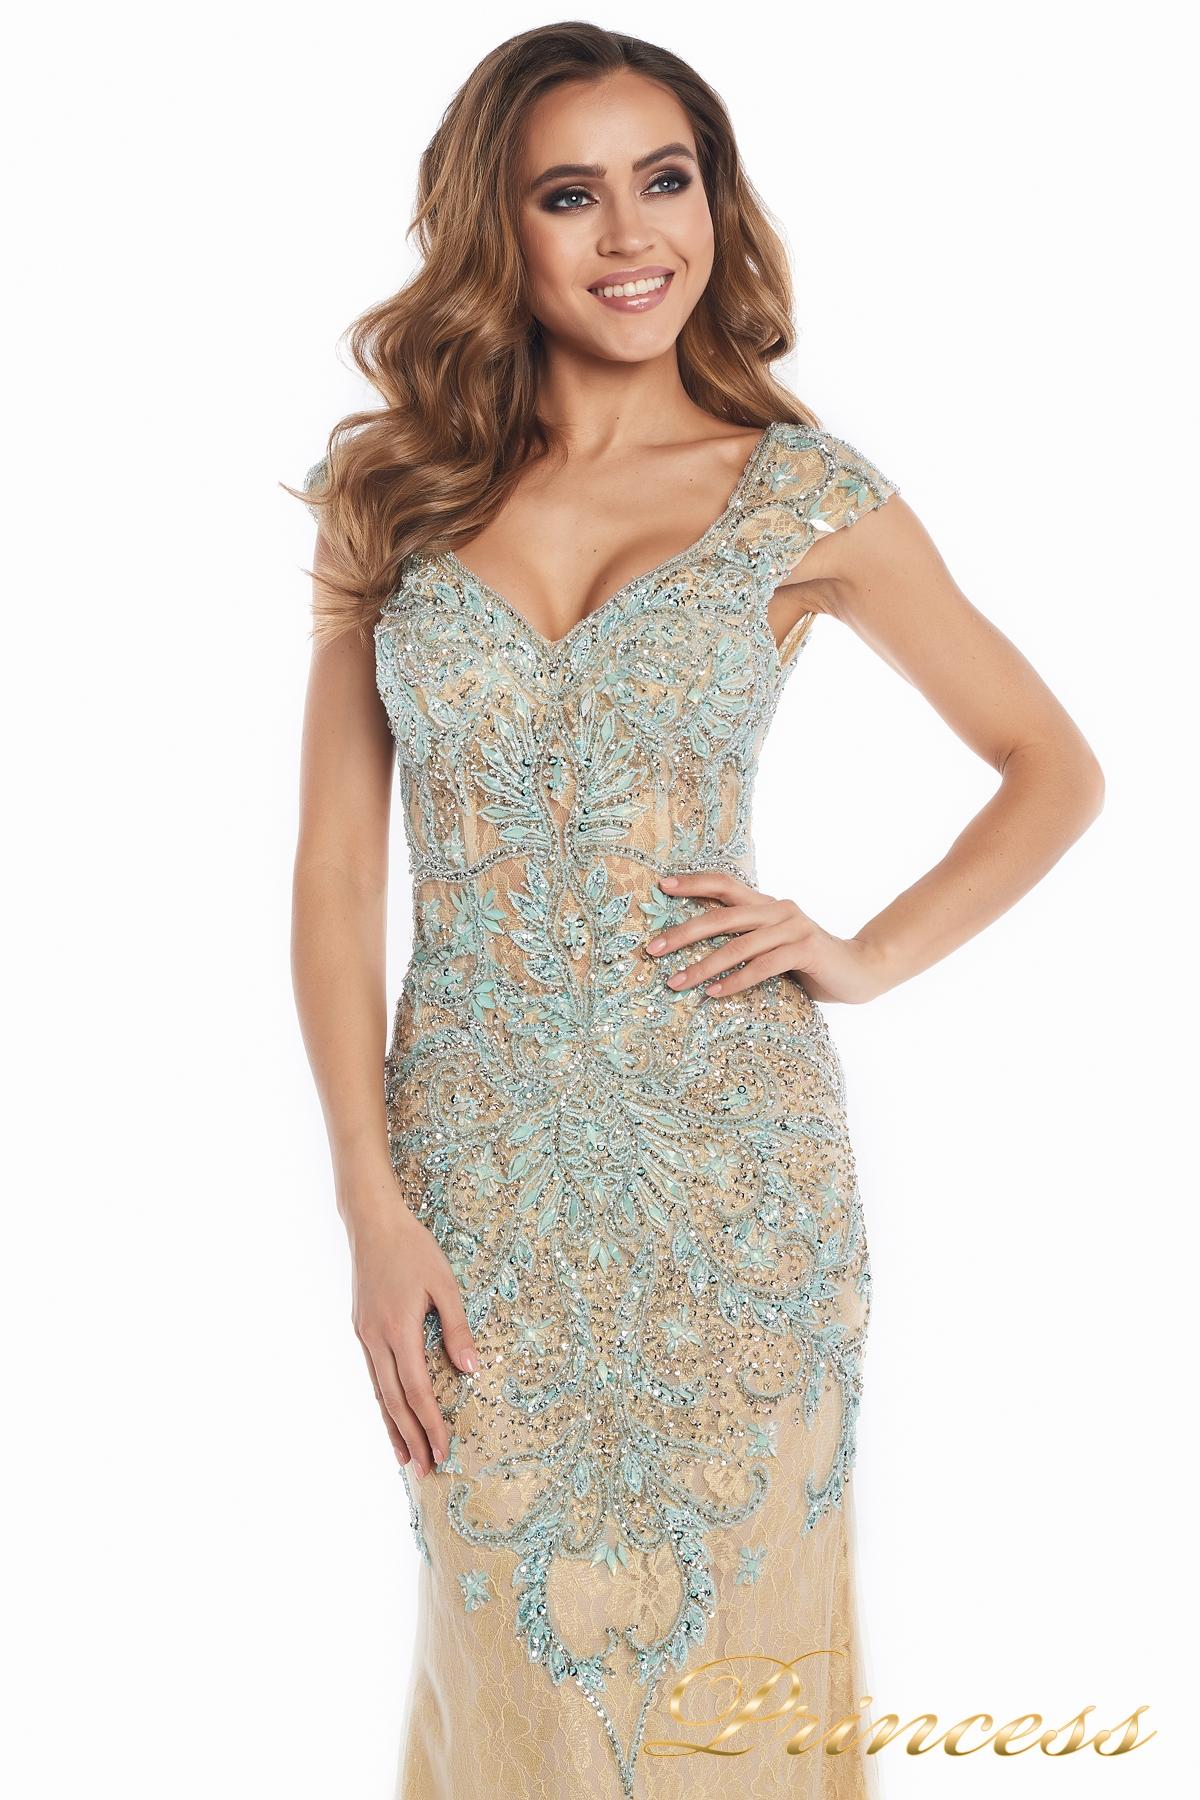 353f7763a42 Купить вечернее платье 12053 золотого цвета по цене 45000 руб. в ...